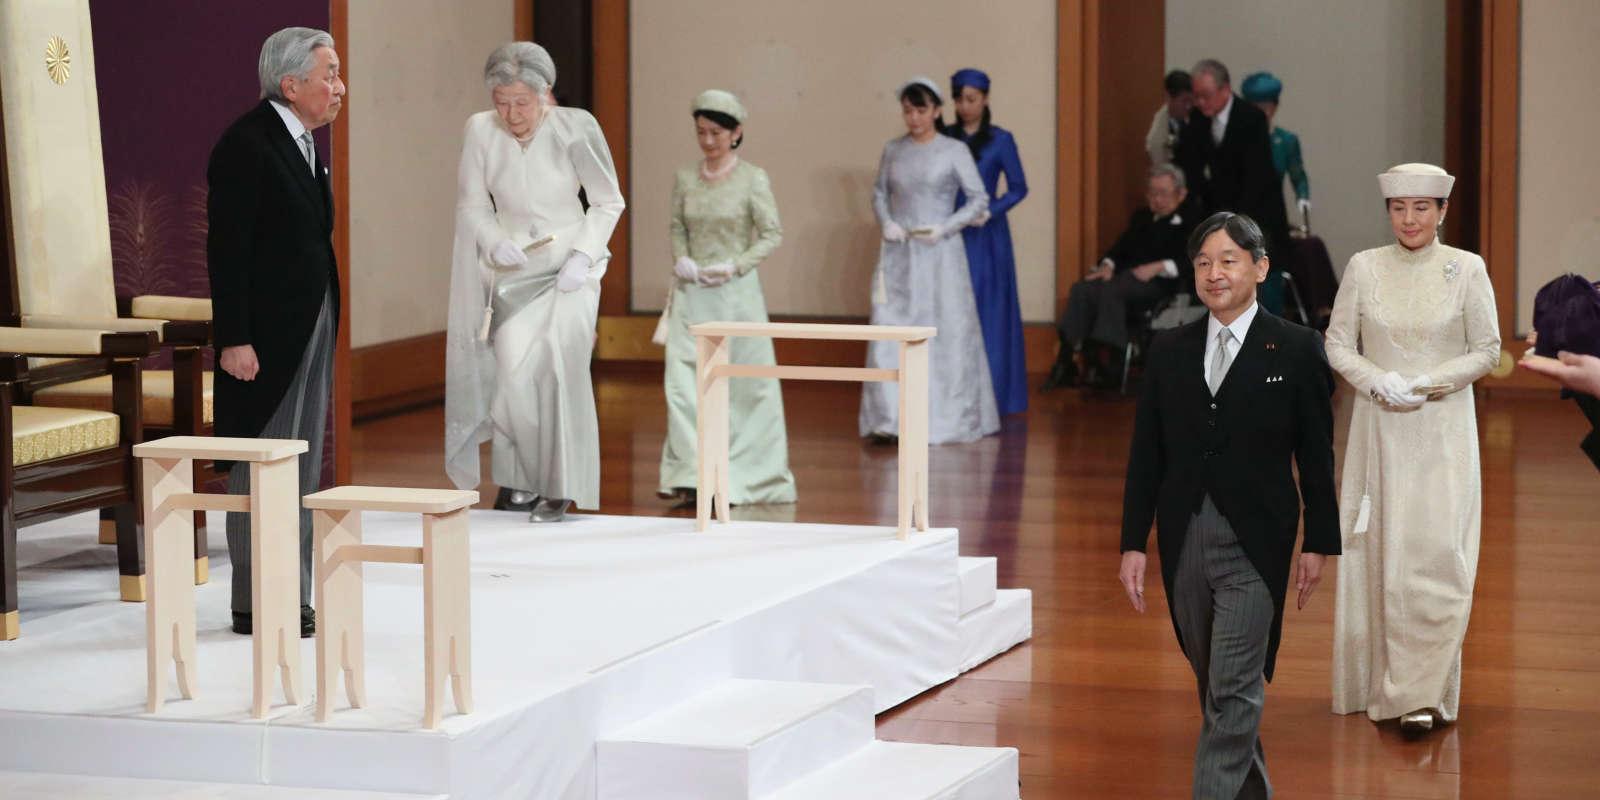 L'empereur du Japon,Akihito, a officiellement abdiqué, mardi 30 avril, lors d'une courte cérémonie d'une dizaine de minutes à Tokyo, en présence de trois cents personnes, dont le premier ministre, Shinzo Abe.